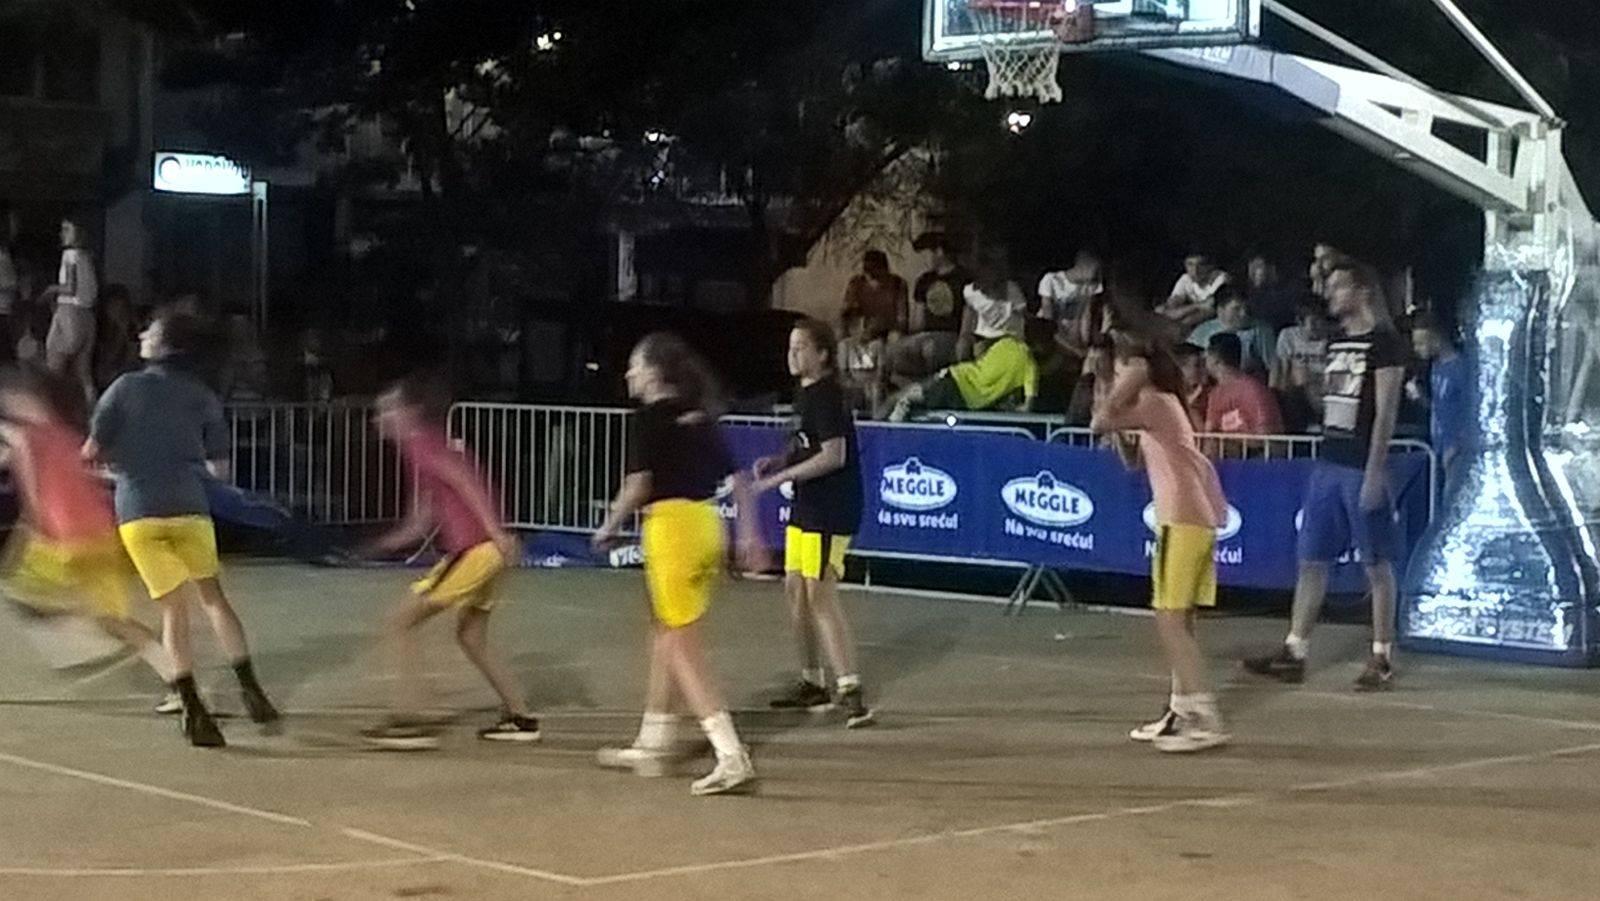 Završena prva večer Streetballa